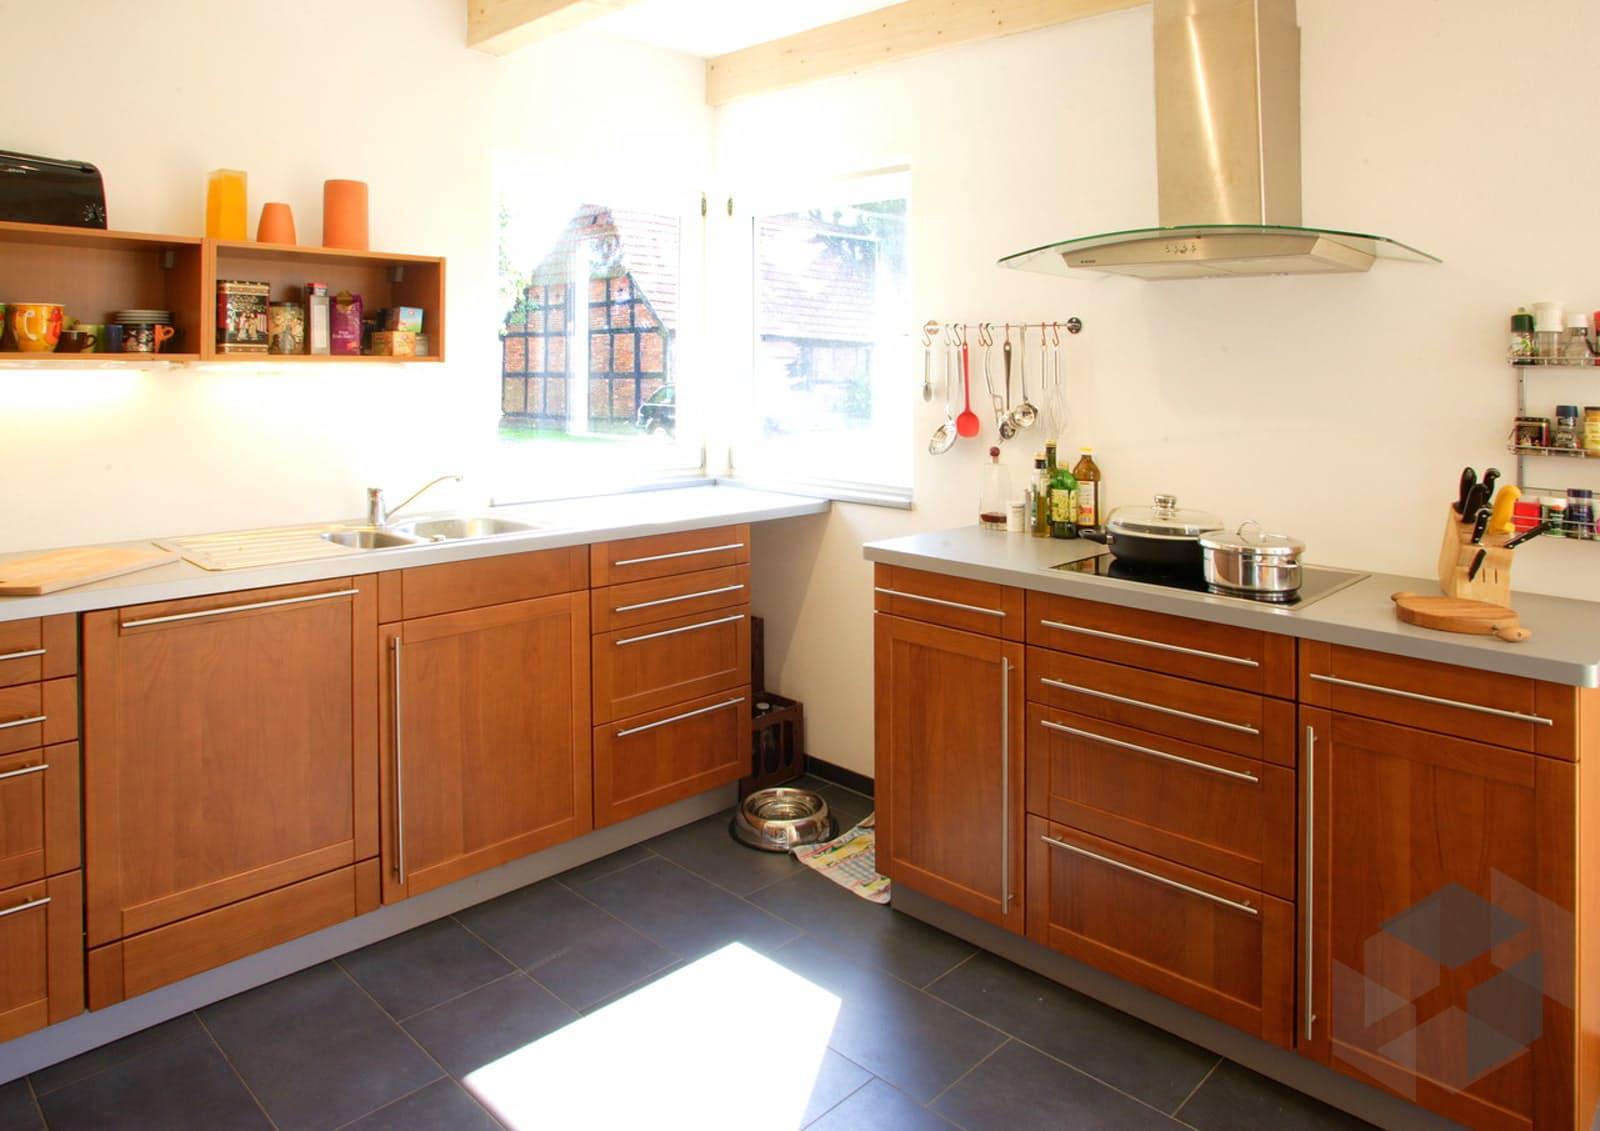 nicole 2 kfw effizienzhaus 40 von dammann haus. Black Bedroom Furniture Sets. Home Design Ideas